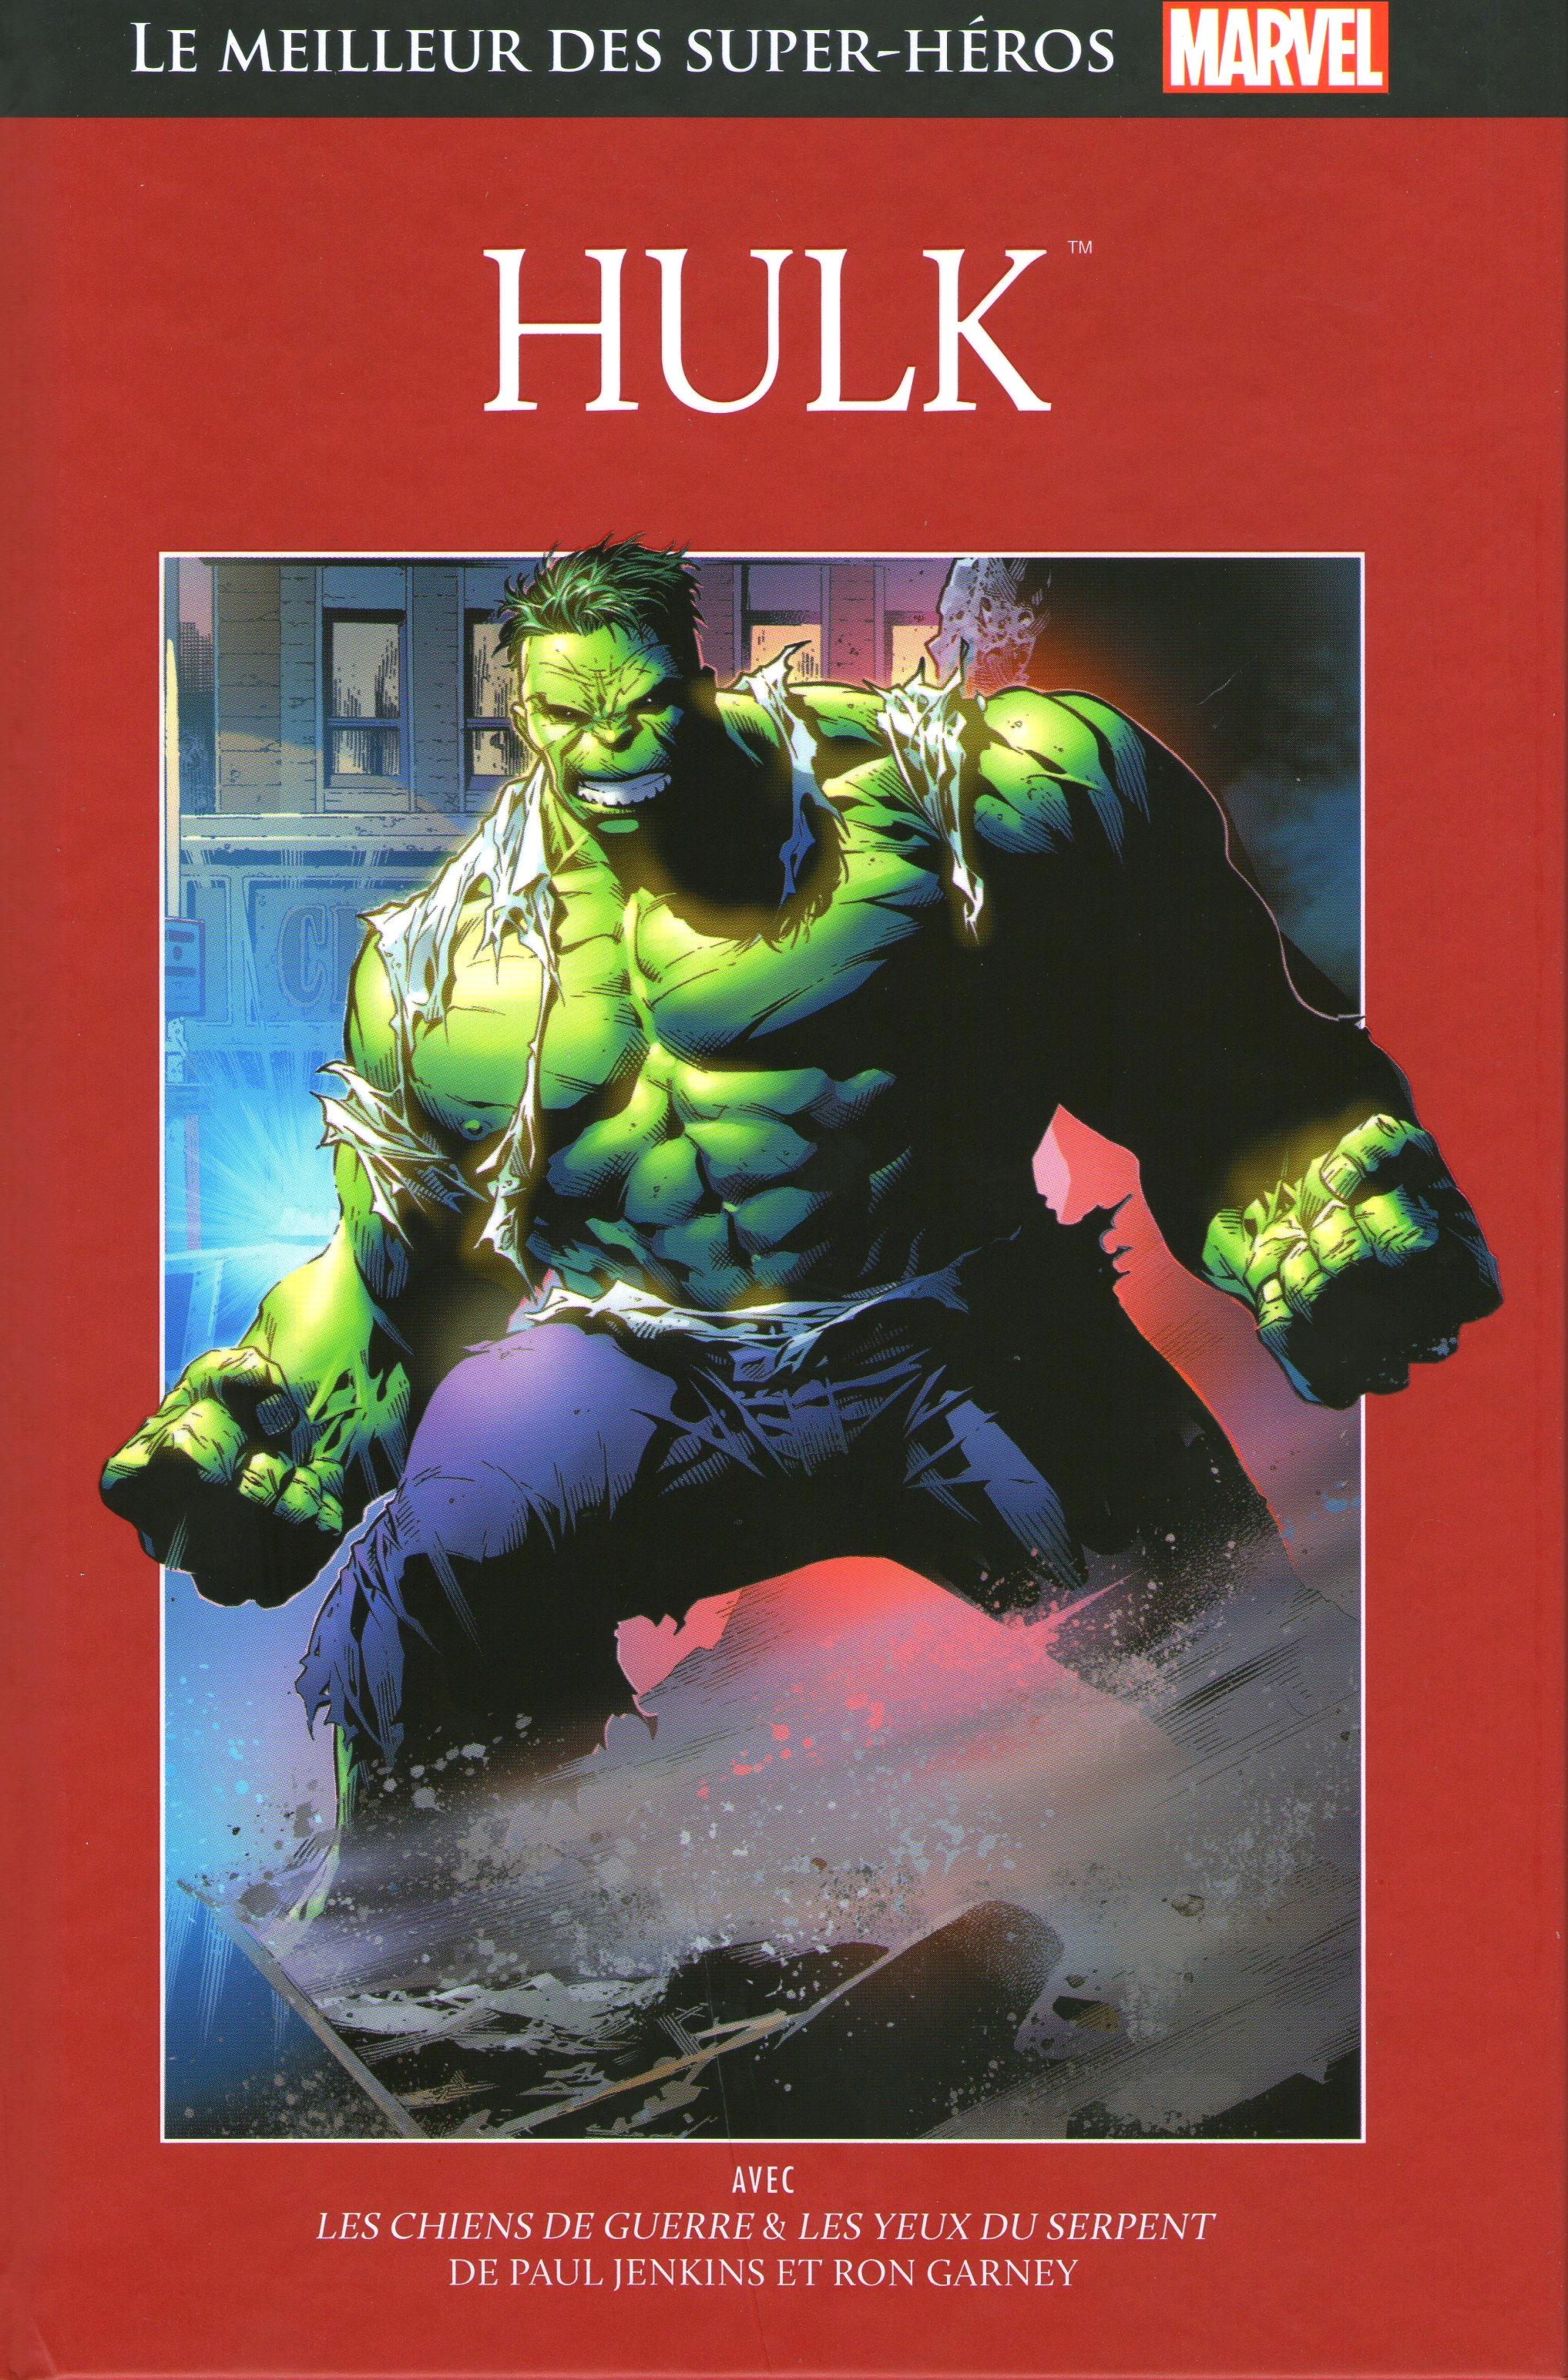 Le Meilleur des Super-Héros Marvel 5 - Hulk